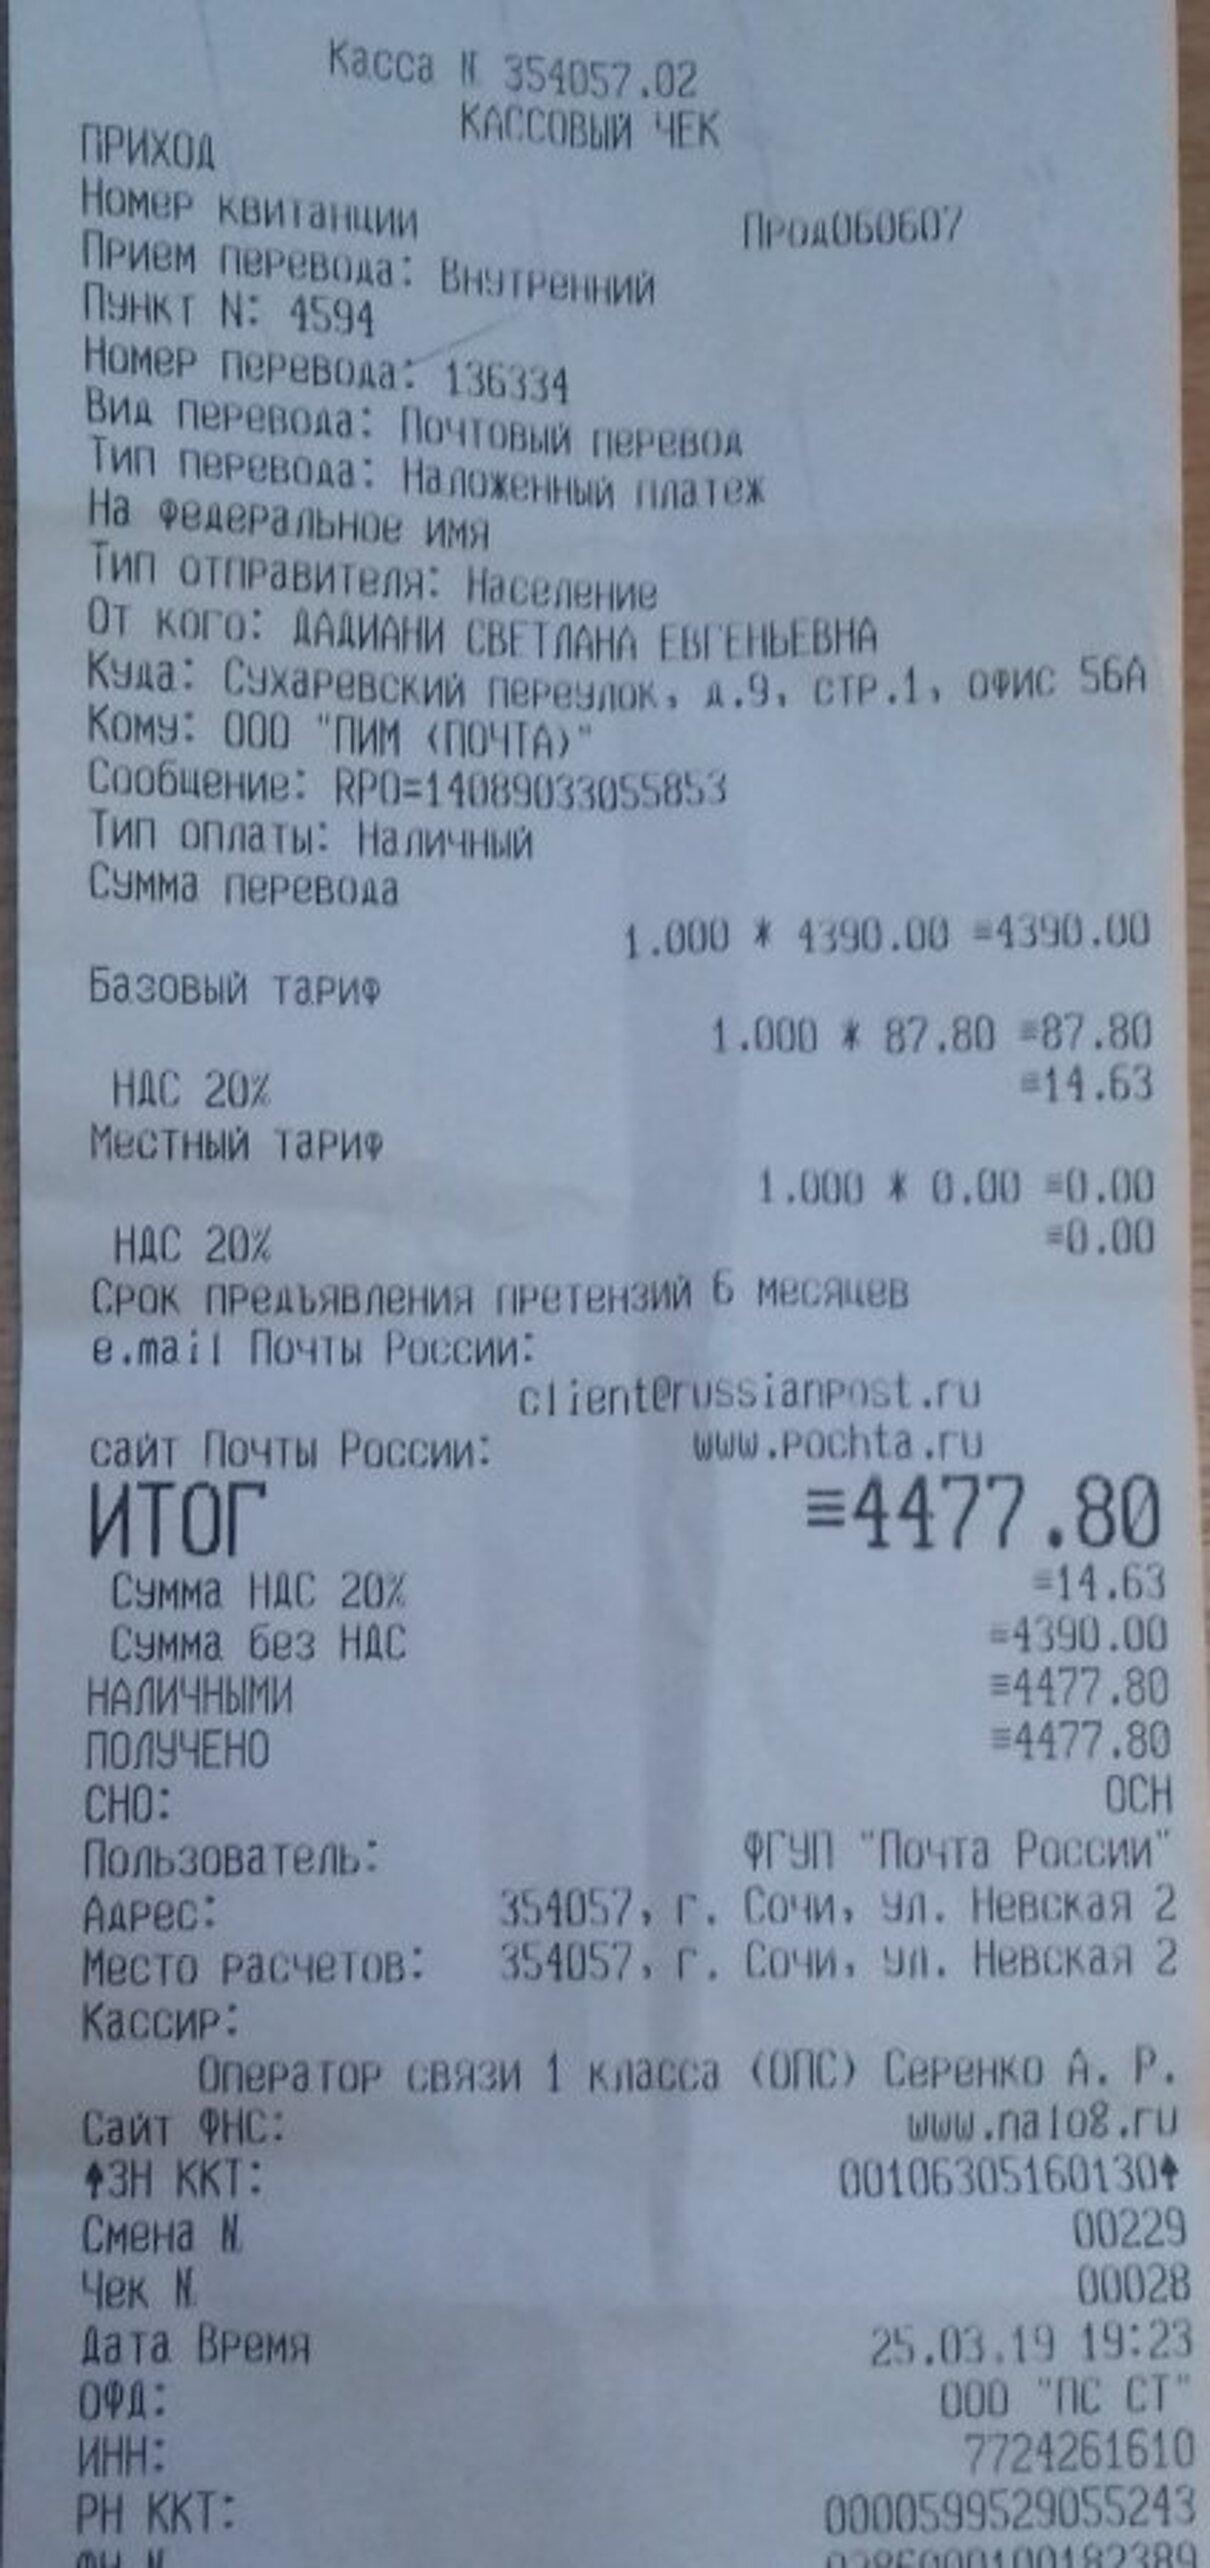 Жалоба-отзыв: ООО ПИМ (ПОЧТА) - Не возвращают деньги.  Фото №1